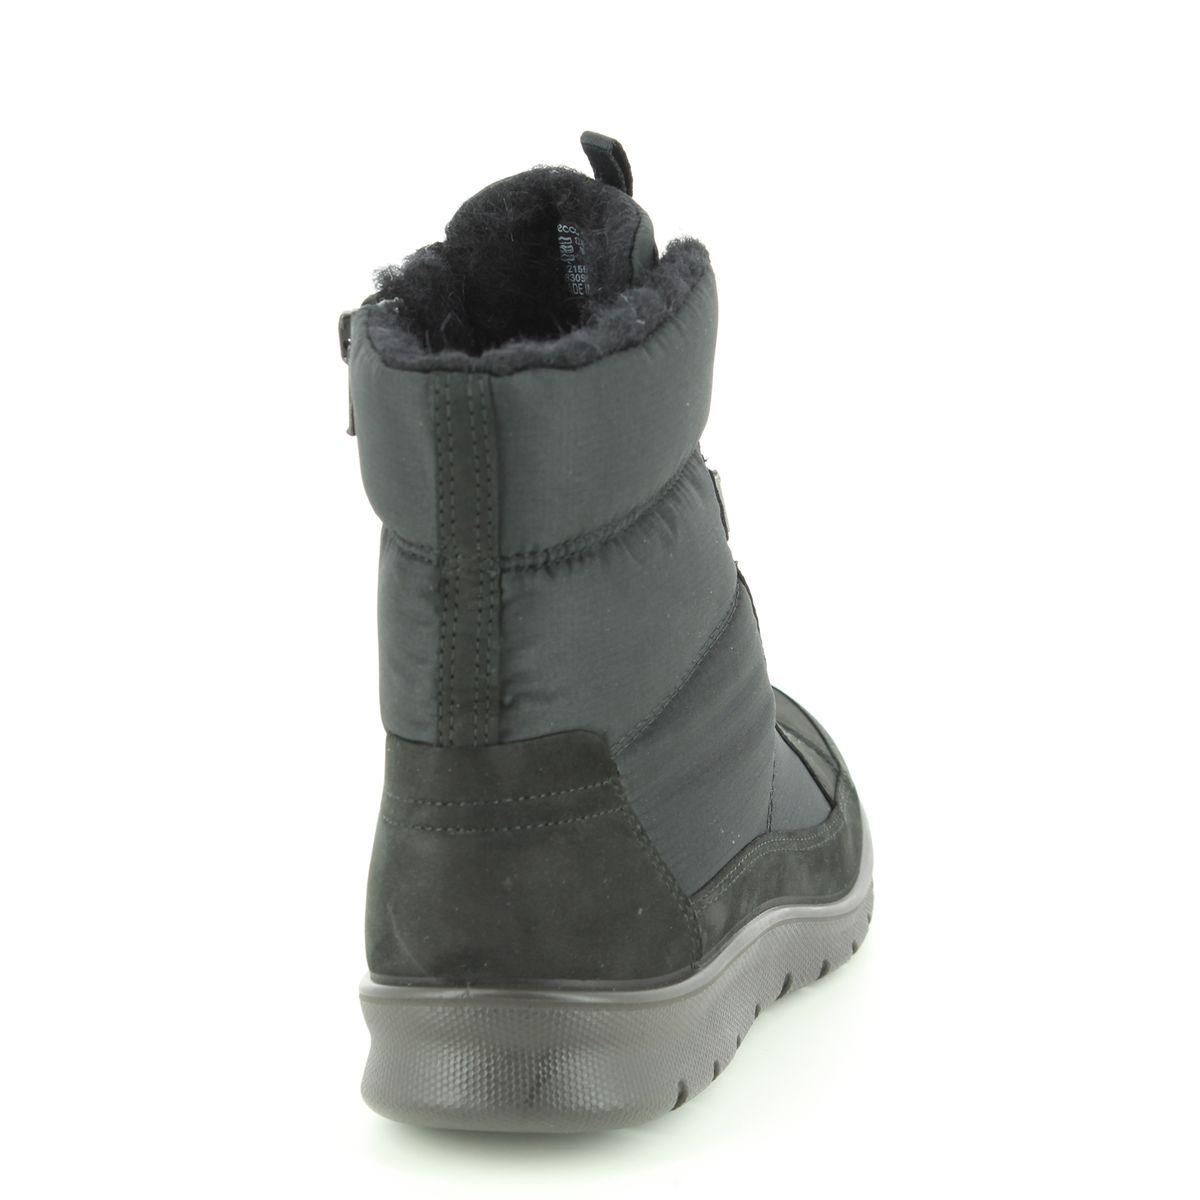 2c21a252afb ECCO Winter Boots - Black nubuck - 215553/51052 BABETT BOOT GORE-TEX 85